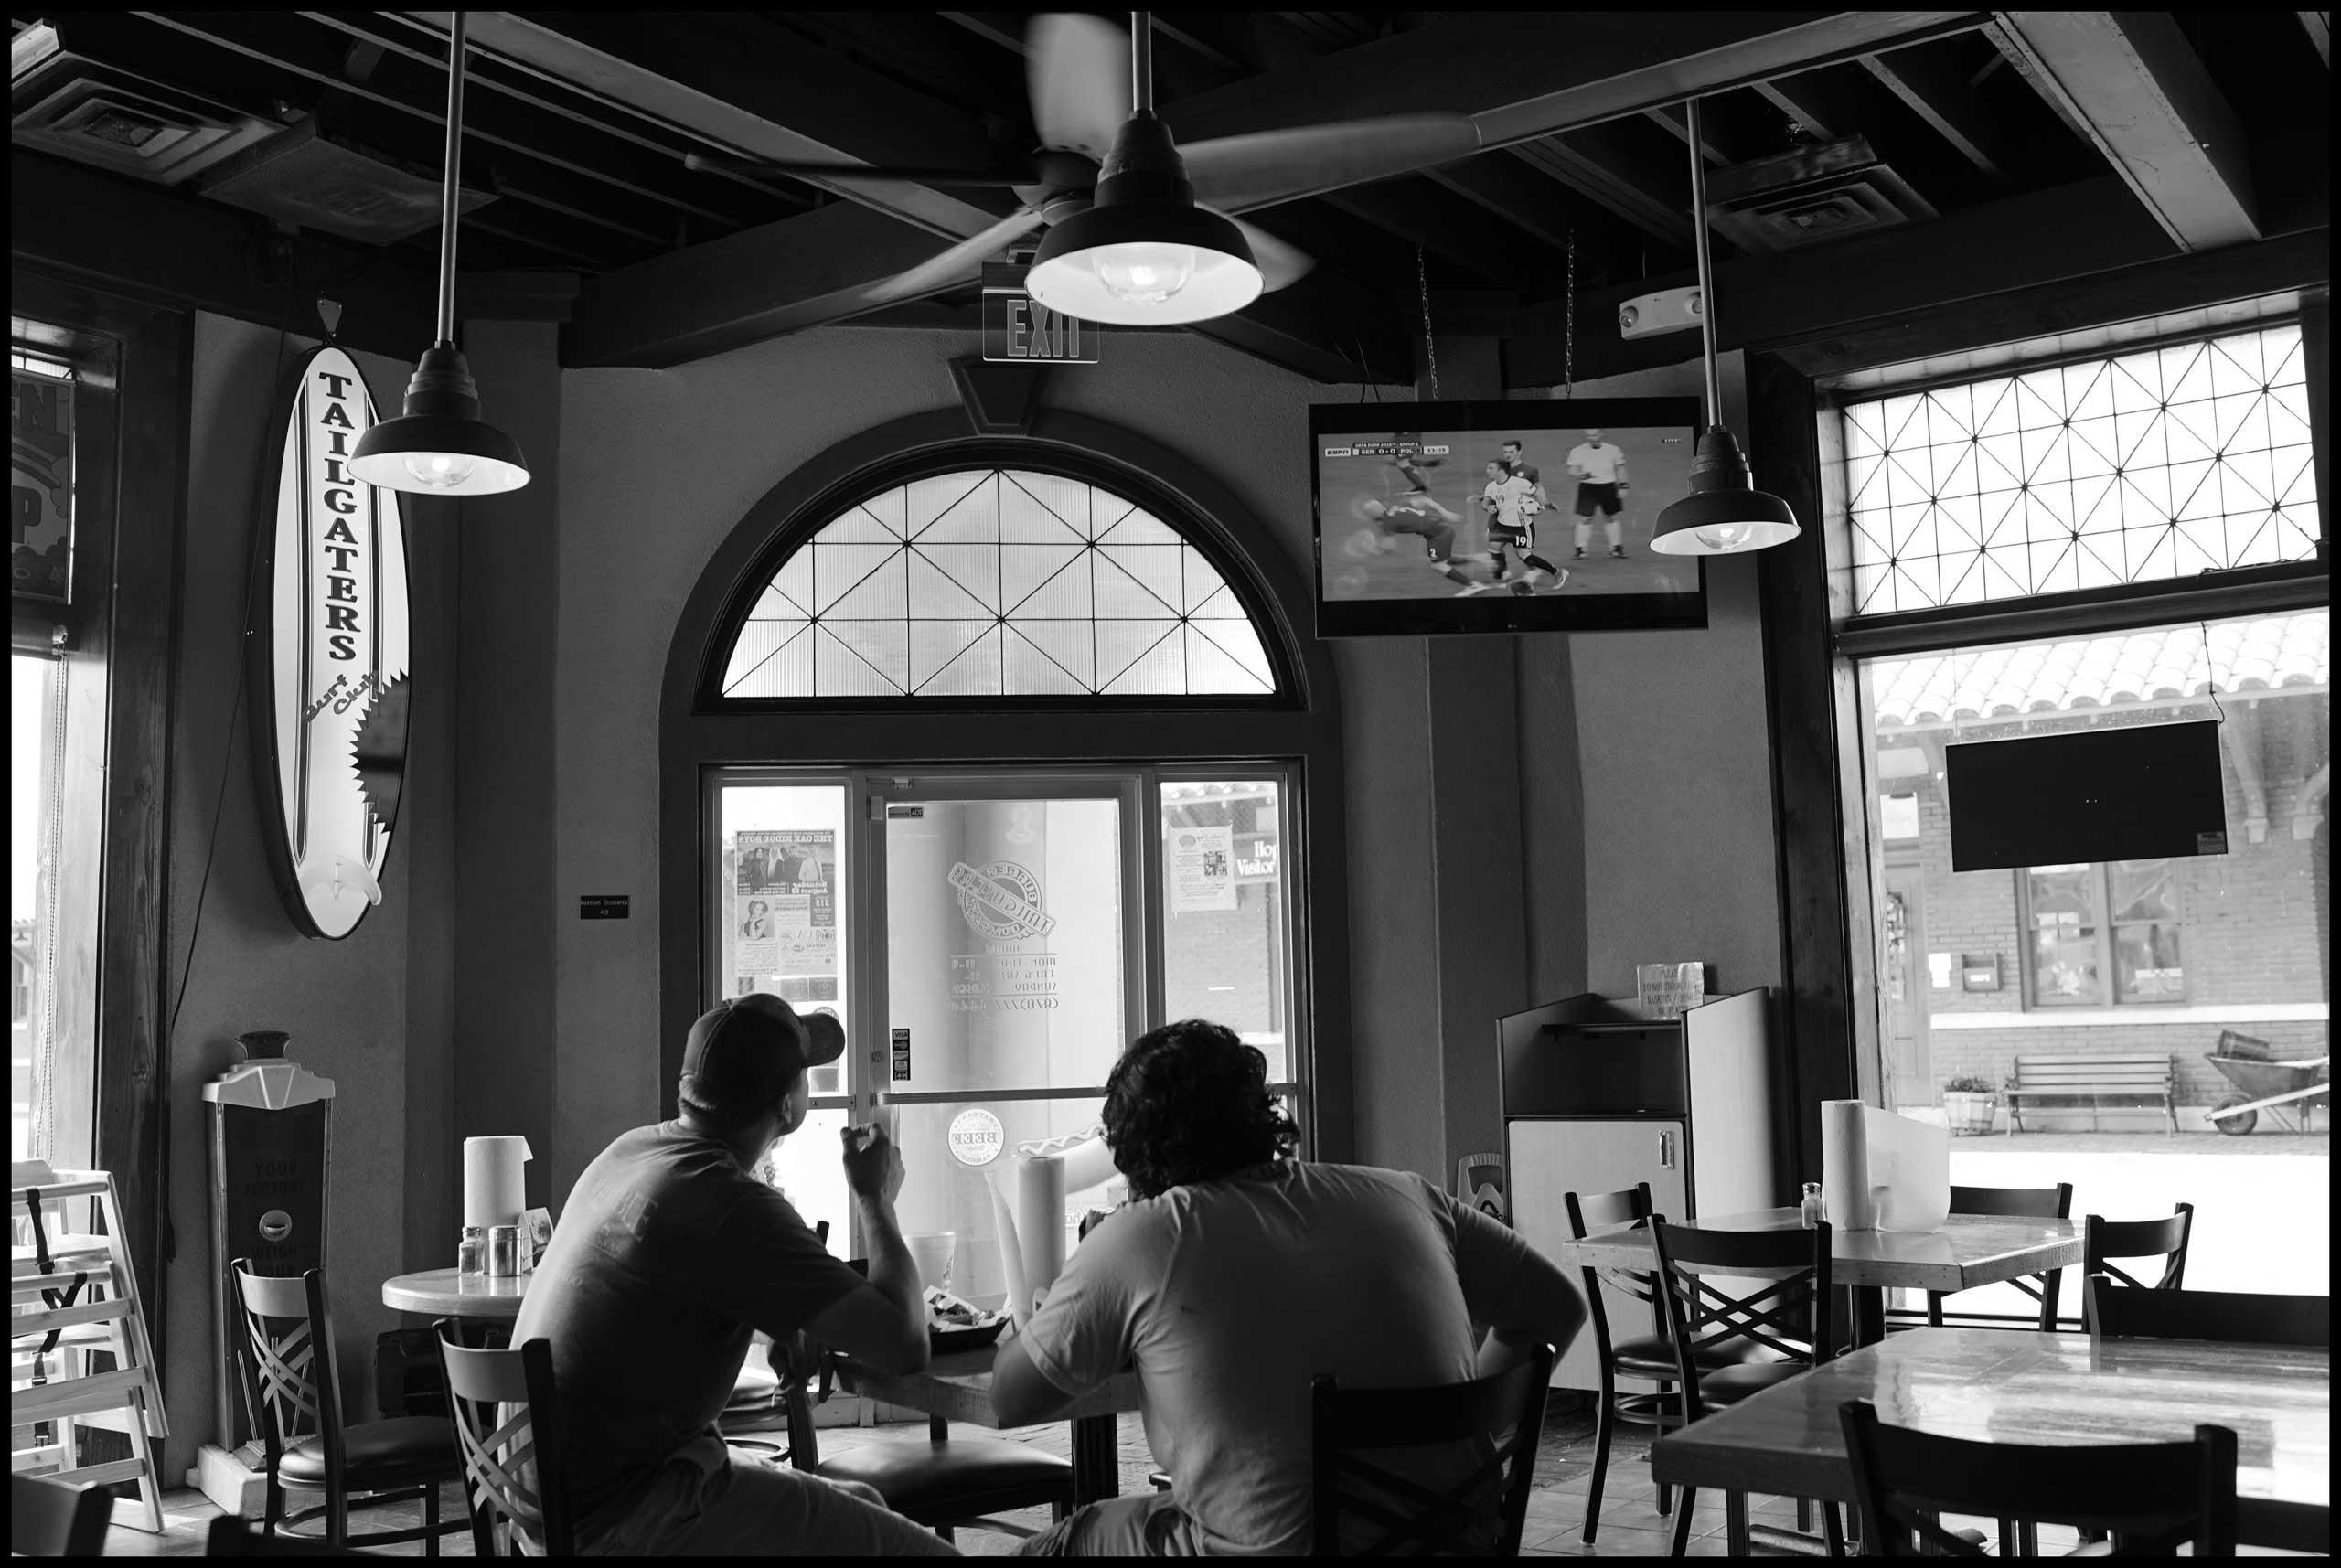 Local restaurant interior. Hope, Ark. 2016.